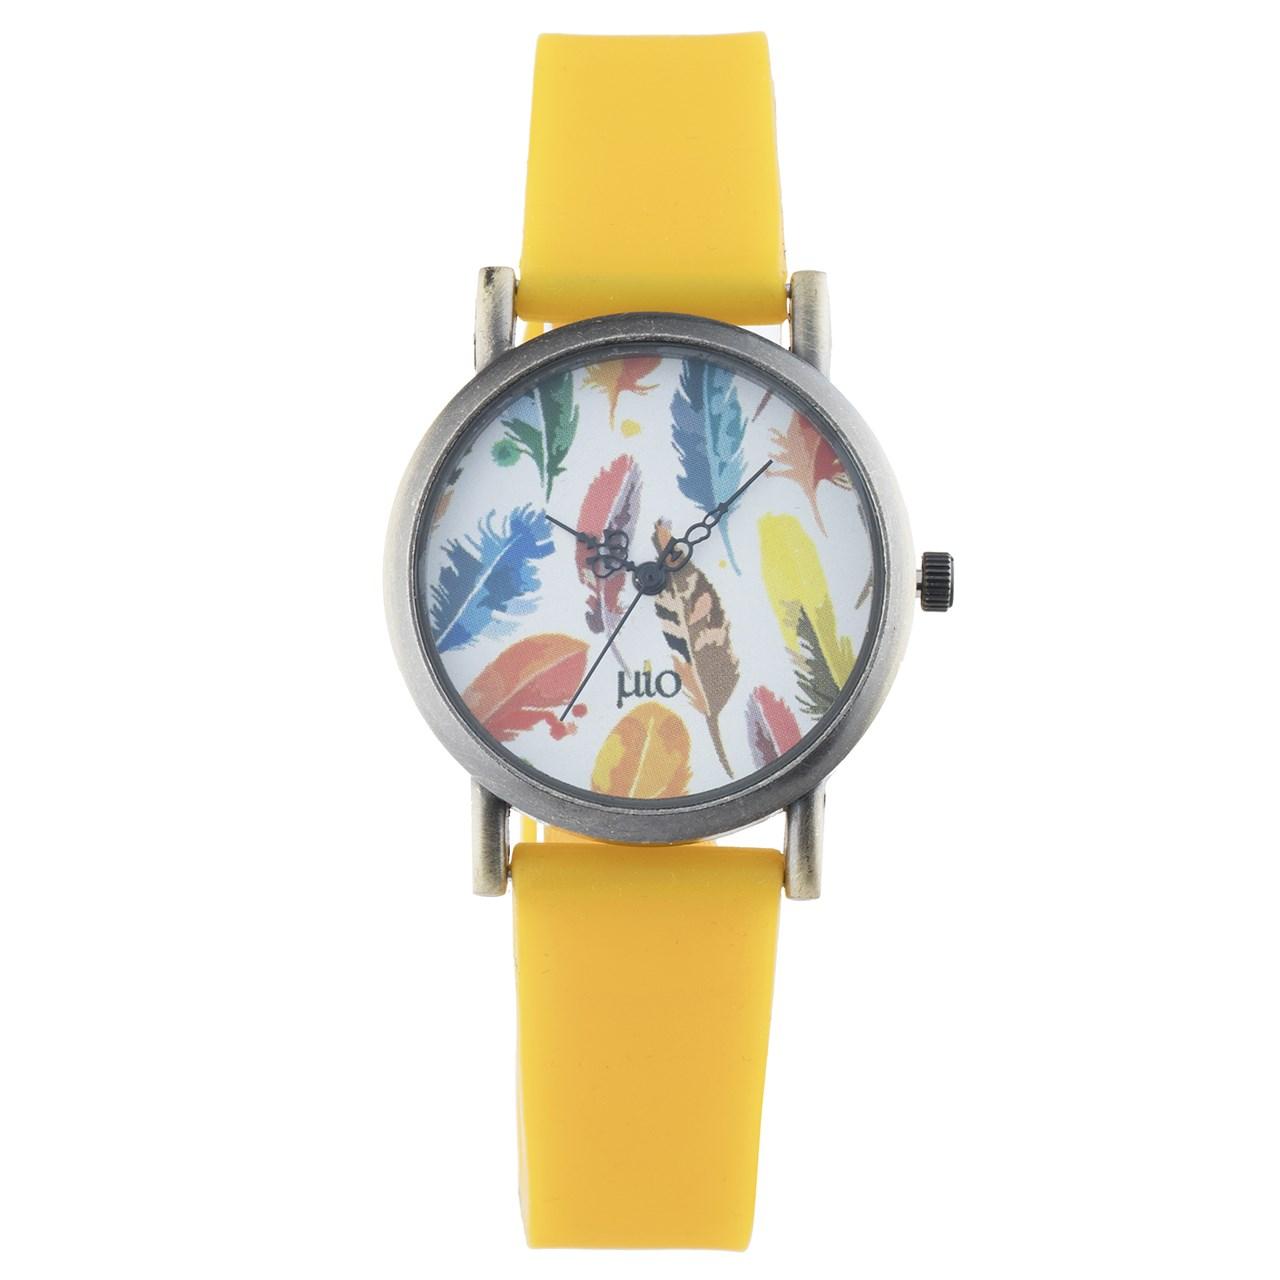 ساعت دست ساز زنانه میو مدل 736 51